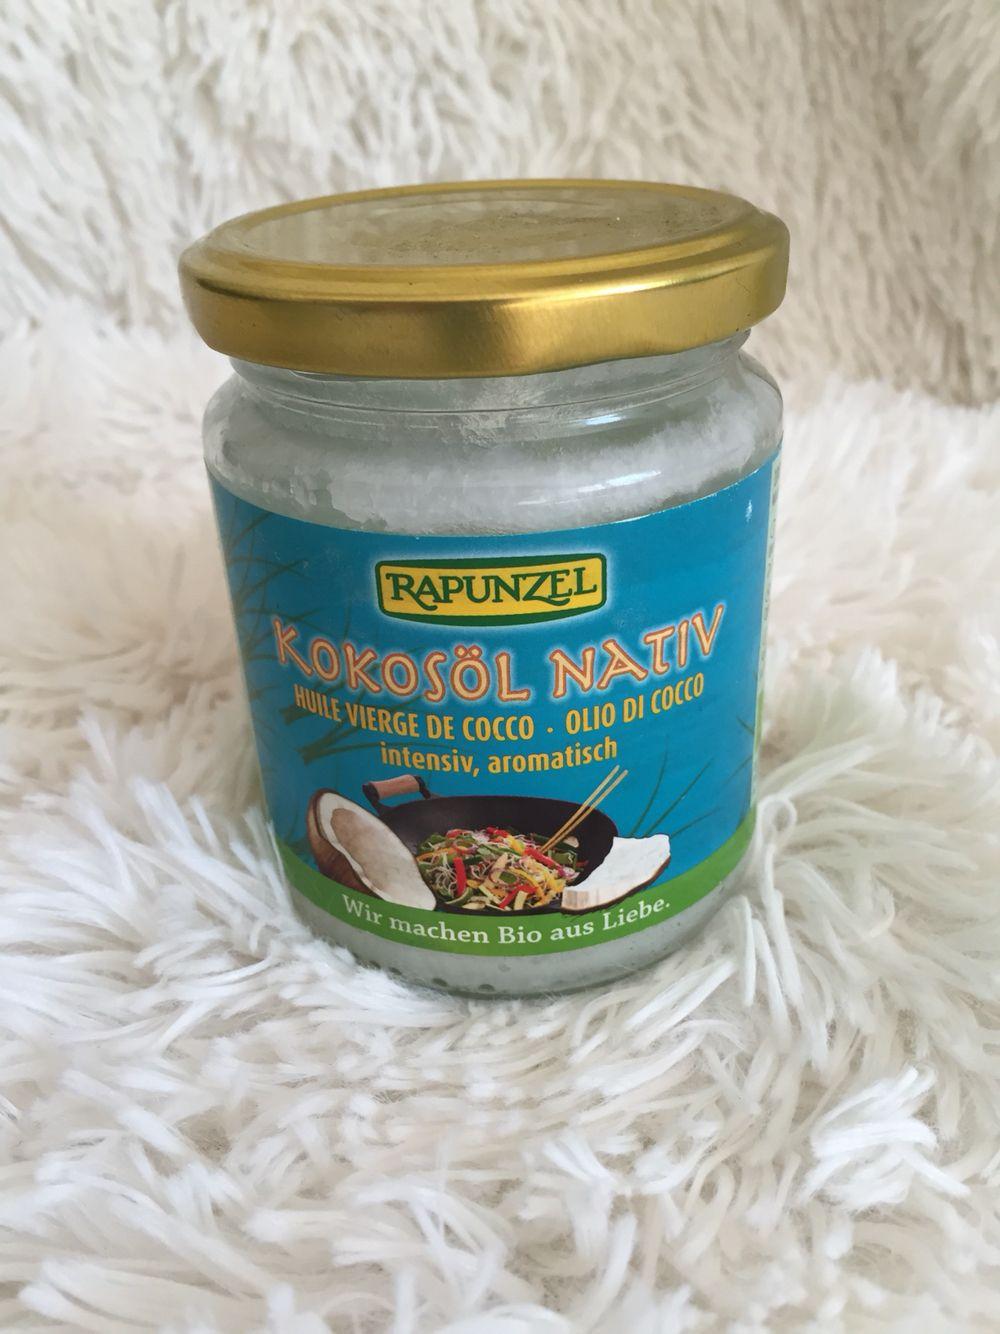 Kokosnussöl ist mit das Beste, was es gibt - zum Essen und zur Pflege! Hier geht's aber erstmal um's Essen. Kokosnussöl ist nämlich super gut zum Kochen und Backen geeignet. Es verbrennt nicht so schnell und verleiht dem Essen eine wunderbare Note, aber keinesfalls deftig. Da es sehr leicht verdauulich ist liegt es auch nicht so schwer im Magen wie normales Öl, was wir zum Kochen nutzen. Zudem wirkt es im Körper antibakteriell und hält den Stoffwechsel aktiv. Ist also extrem gesund.